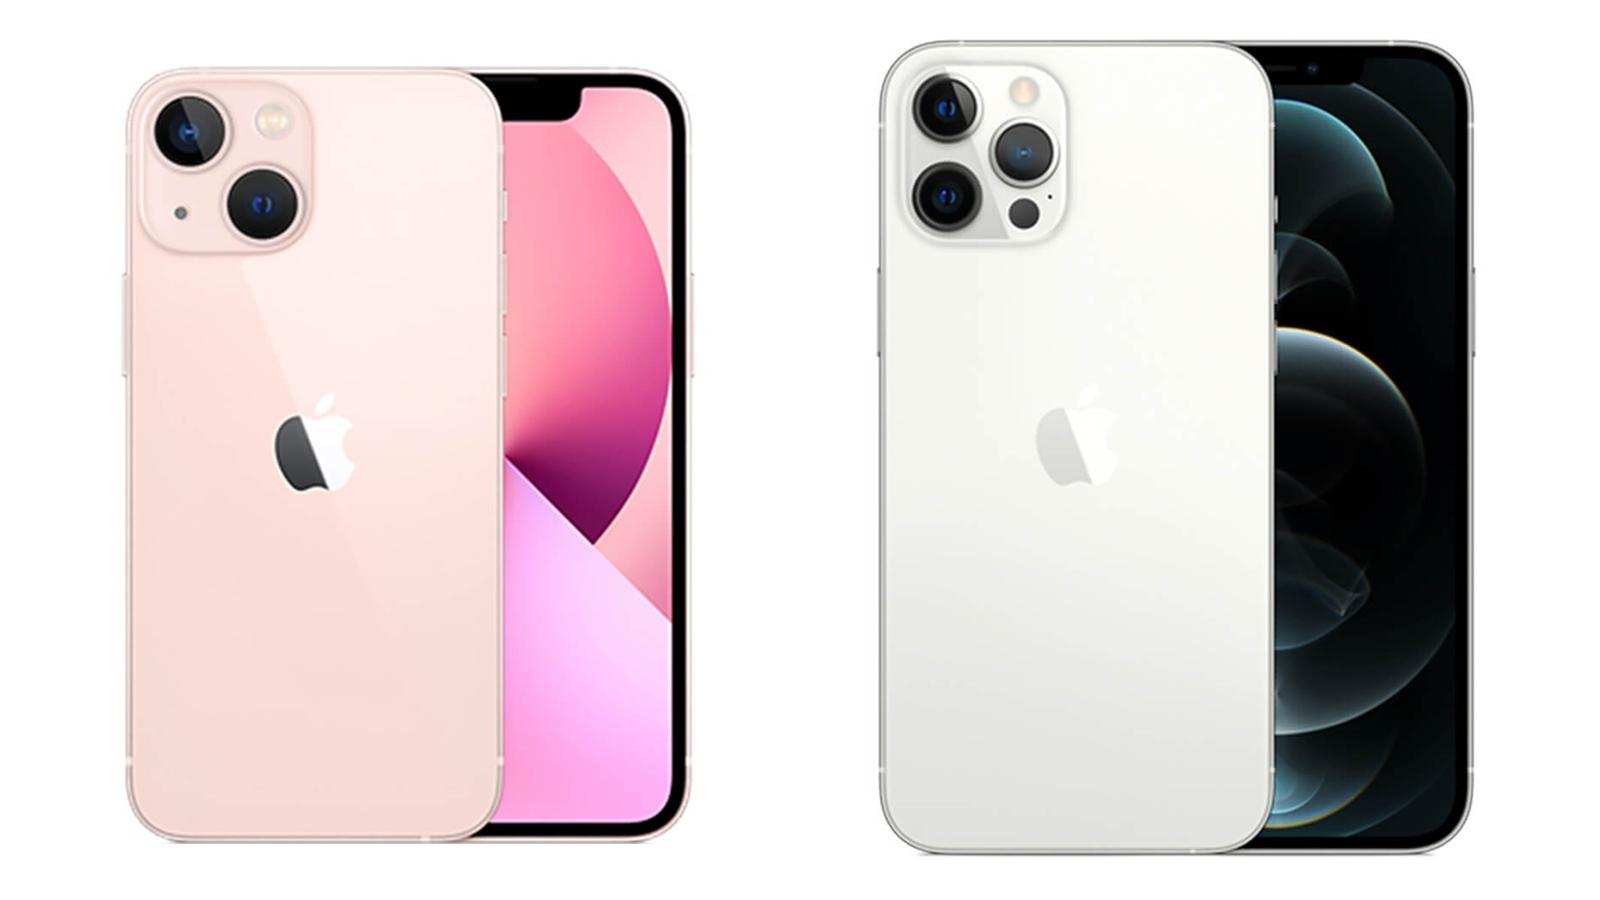 【機型比較】iPhone 13和12 Pro Max該怎麼選擇?不同差異為何?哪裡買最便宜?